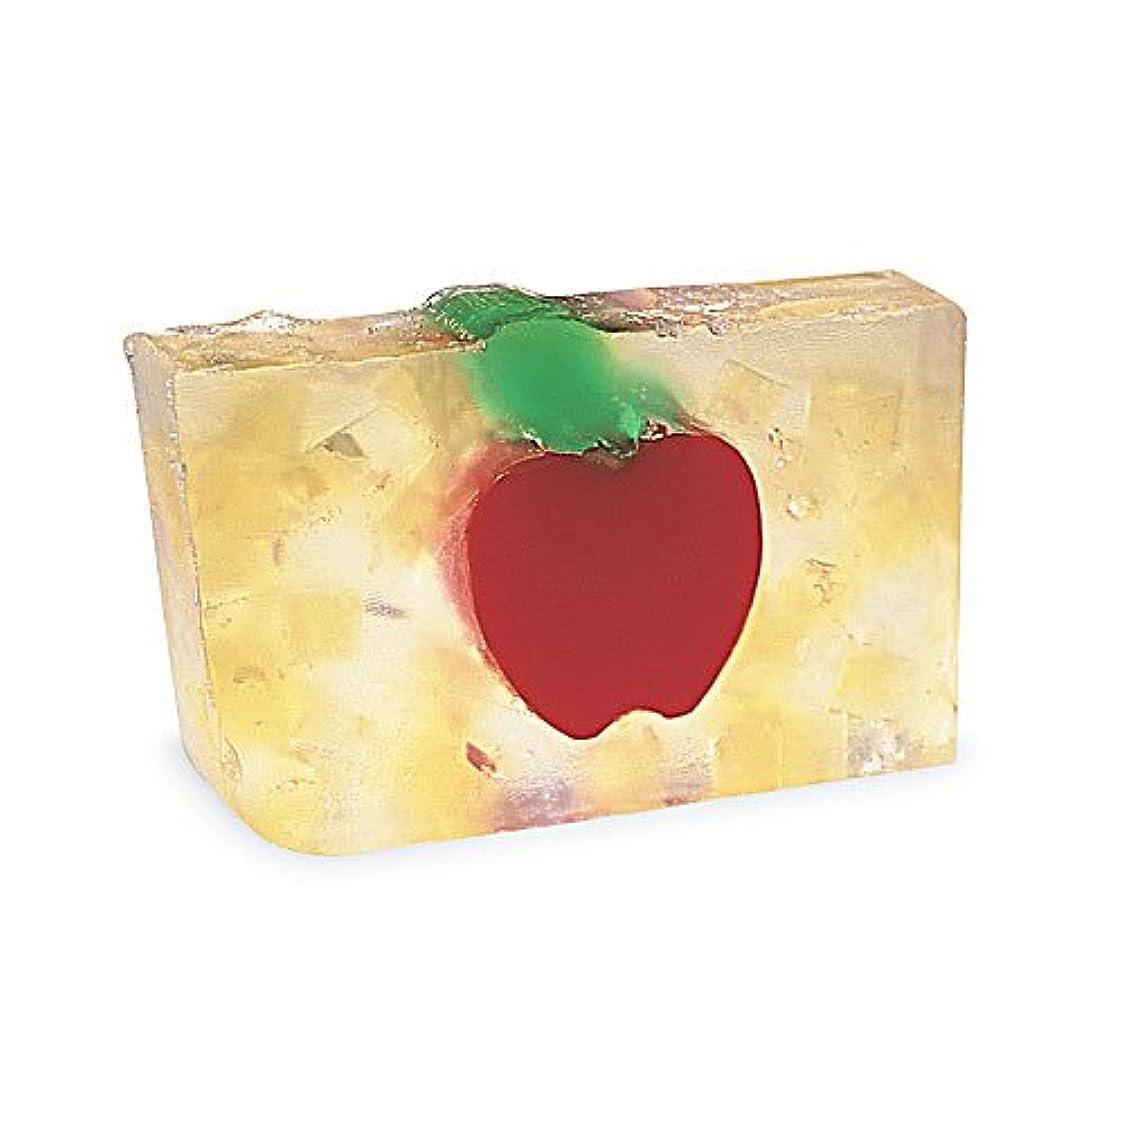 取得サイトためらうプライモールエレメンツ アロマティック ソープ ビッグアップル 180g 植物性 ナチュラル 石鹸 無添加